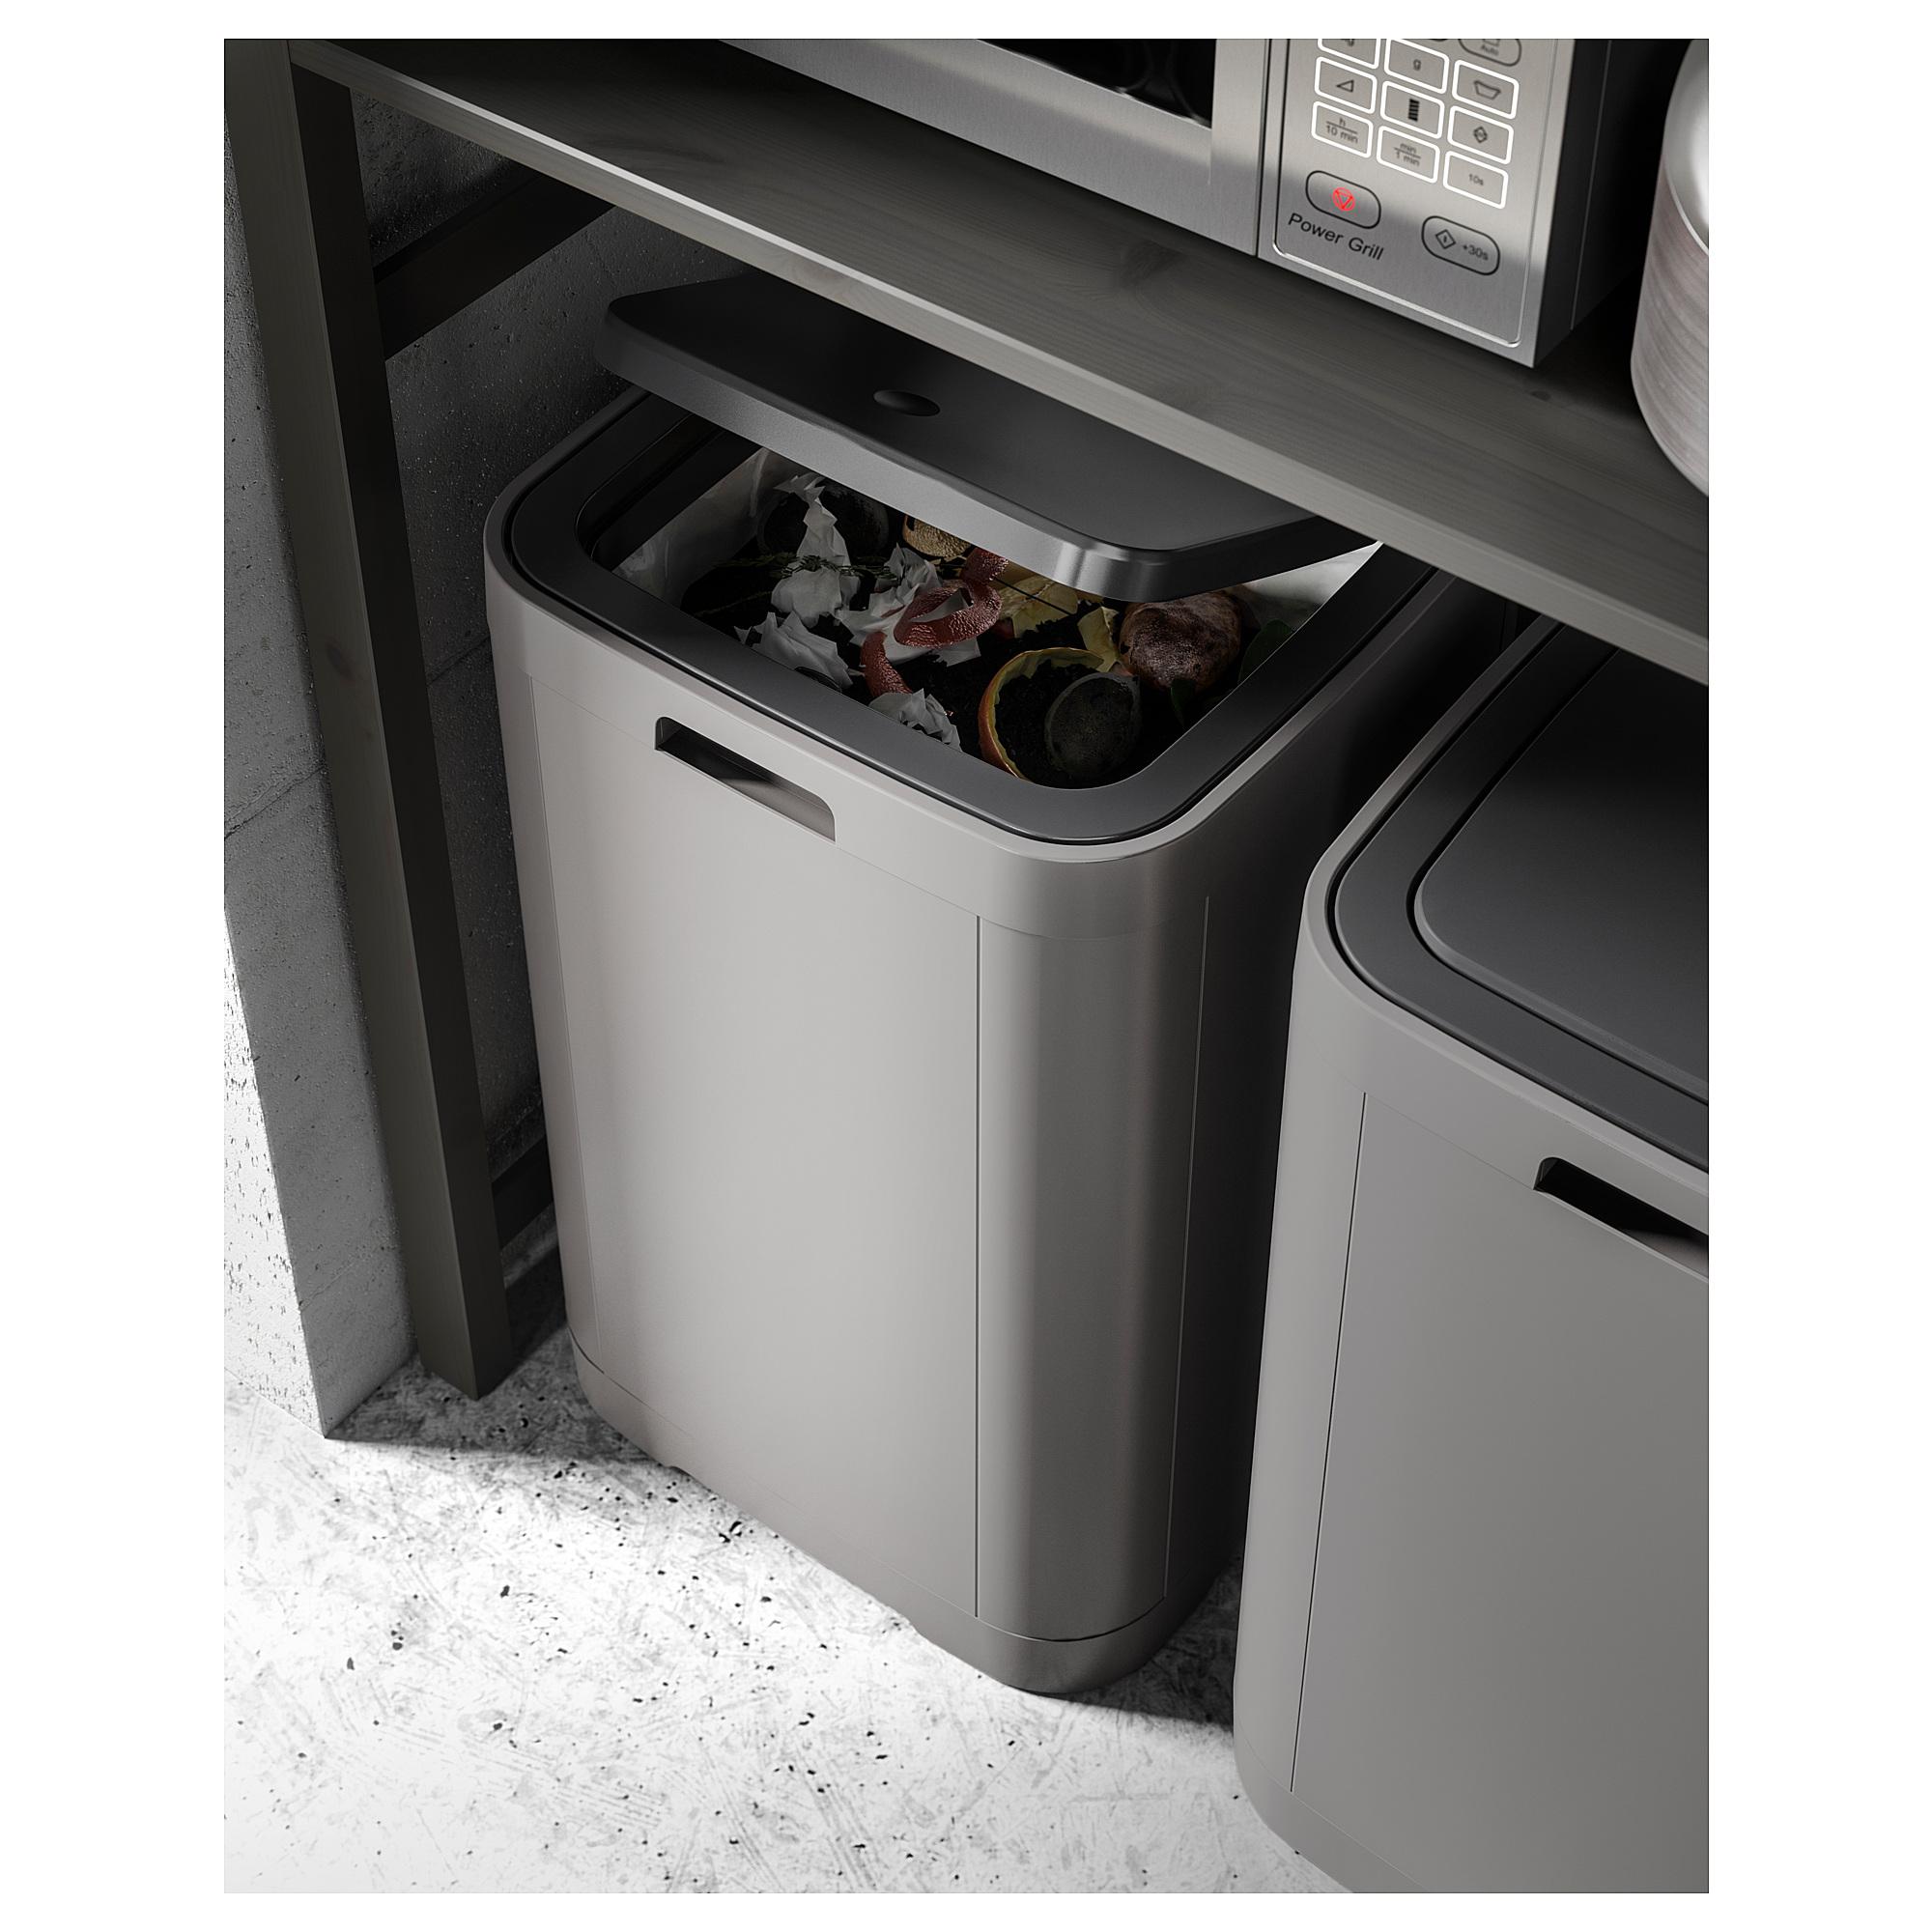 Full Size of Abfallbehälter Ikea Gigantisk Touch Top Trash Can Dark Gray 16 Gallon 60 L Mit Küche Kaufen Kosten Betten 160x200 Sofa Schlaffunktion Modulküche Bei Wohnzimmer Abfallbehälter Ikea